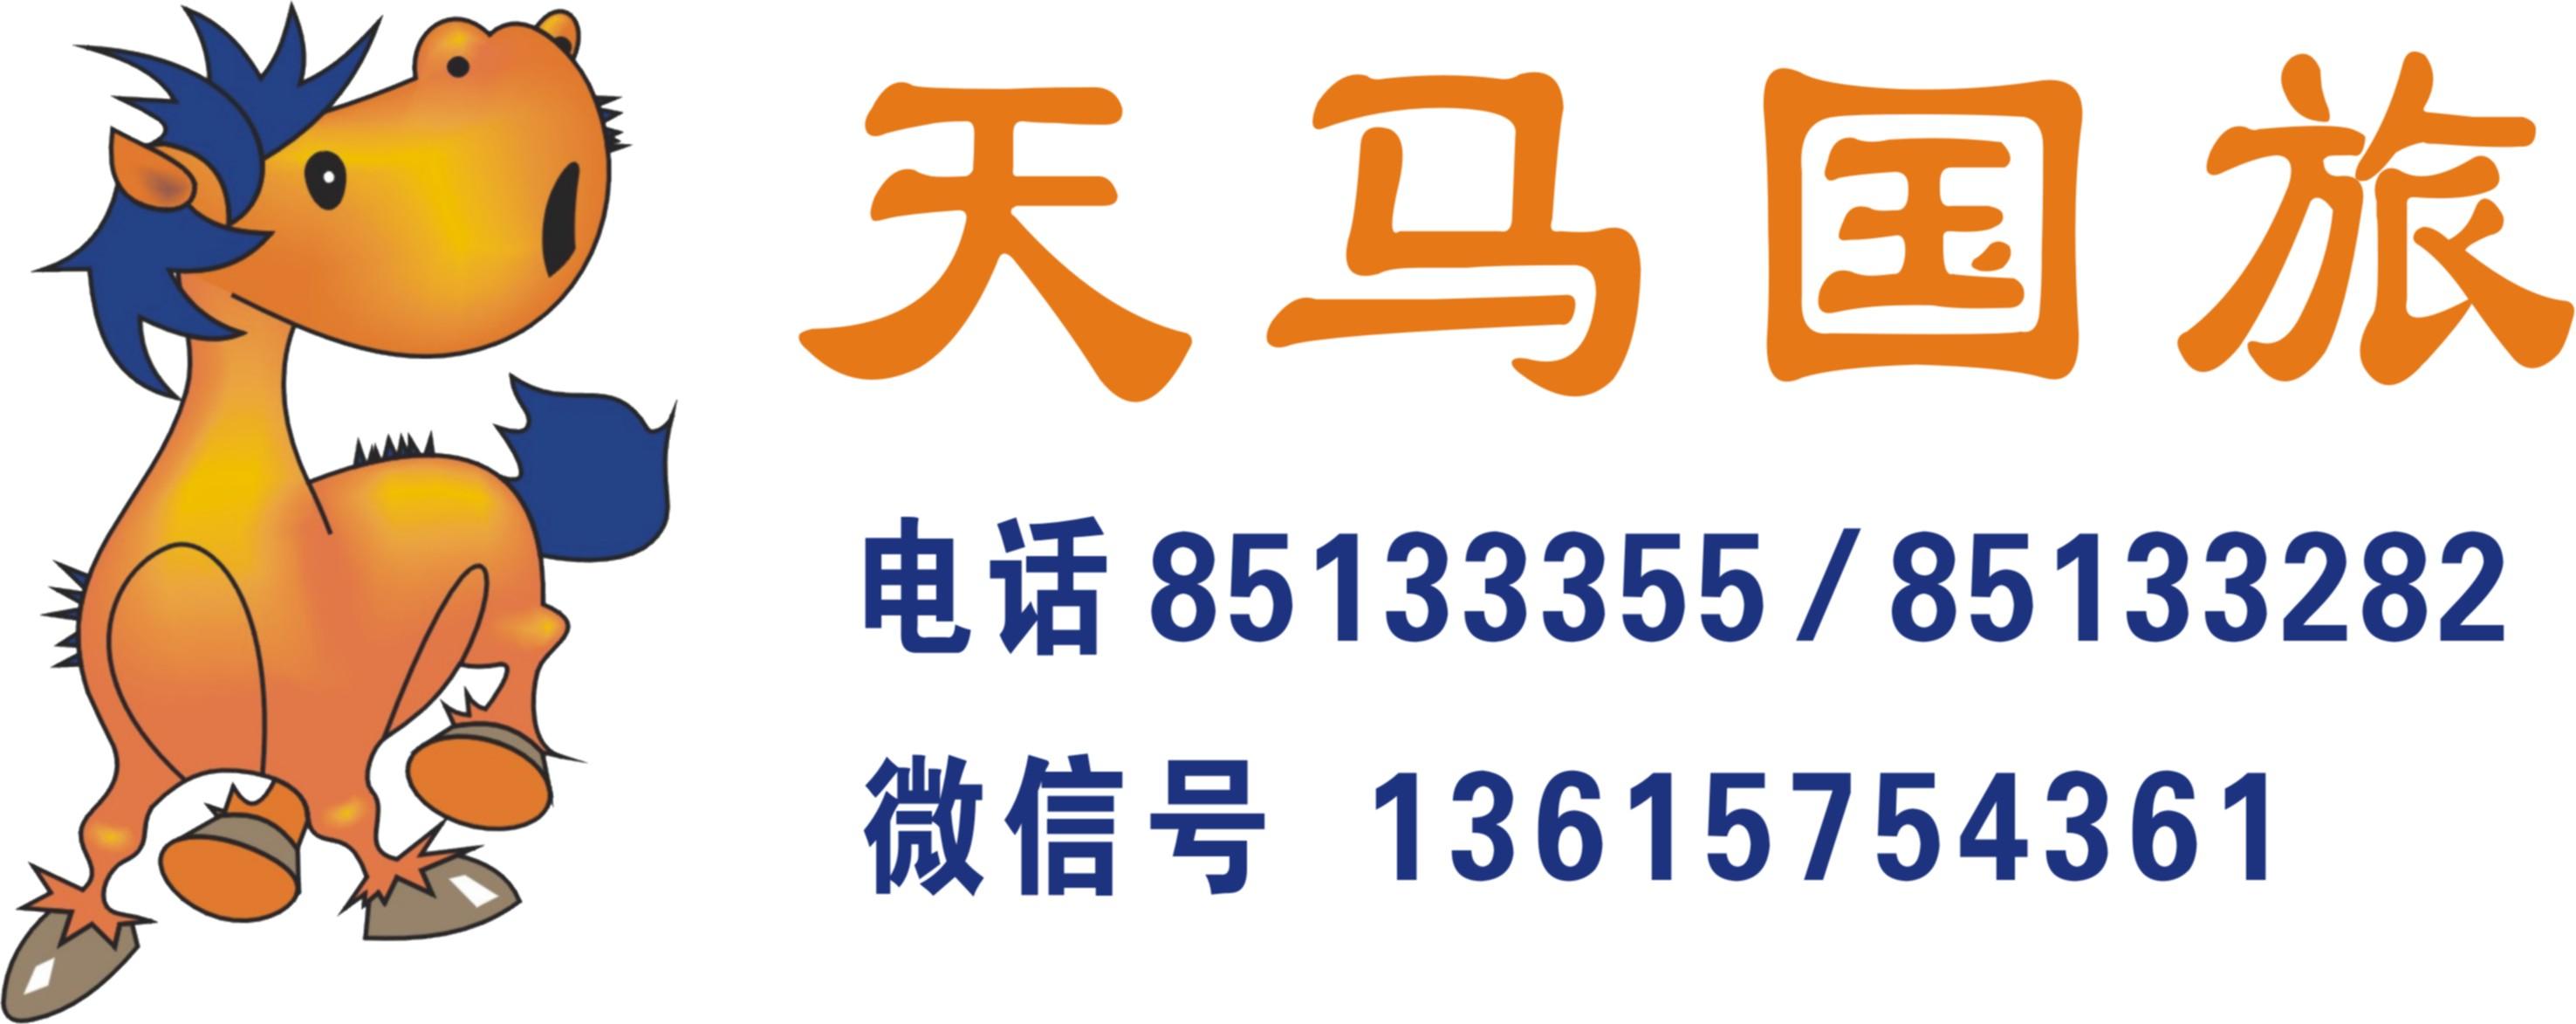 6.29【象山影视城、台州三门蛇蟠岛二日】含1早1正